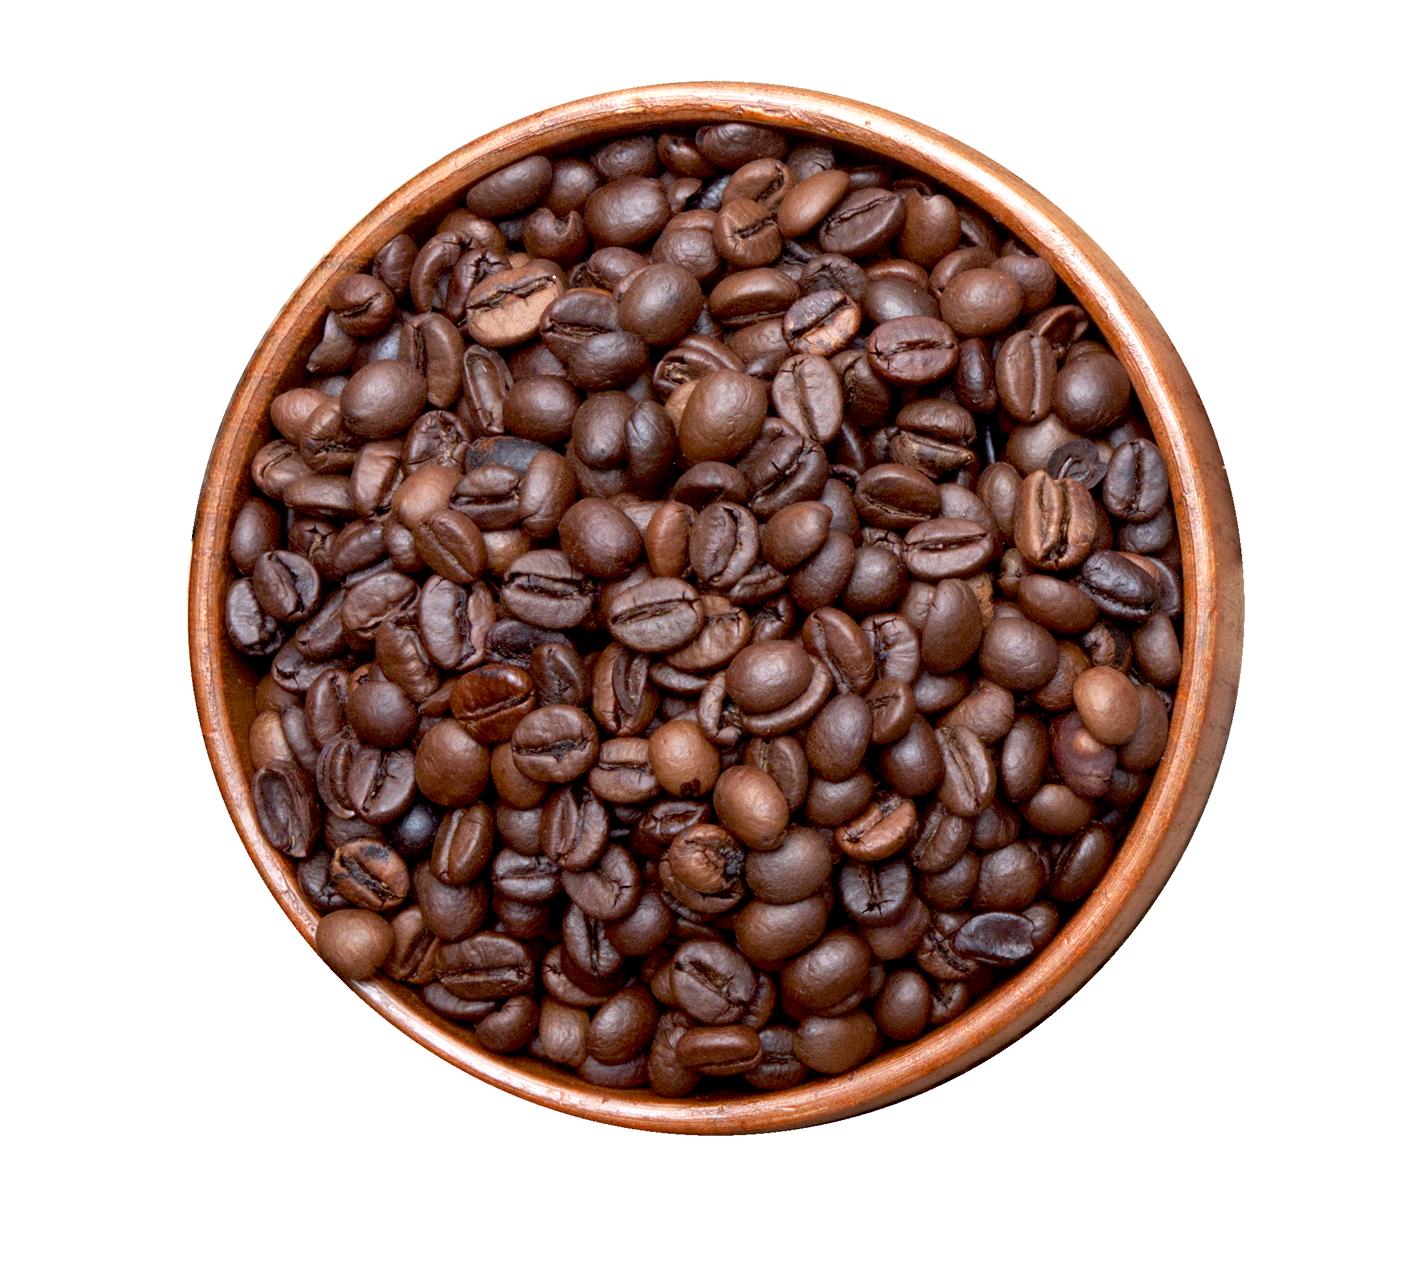 Coffee Beans Beans Coffee Beans Tea Leaves